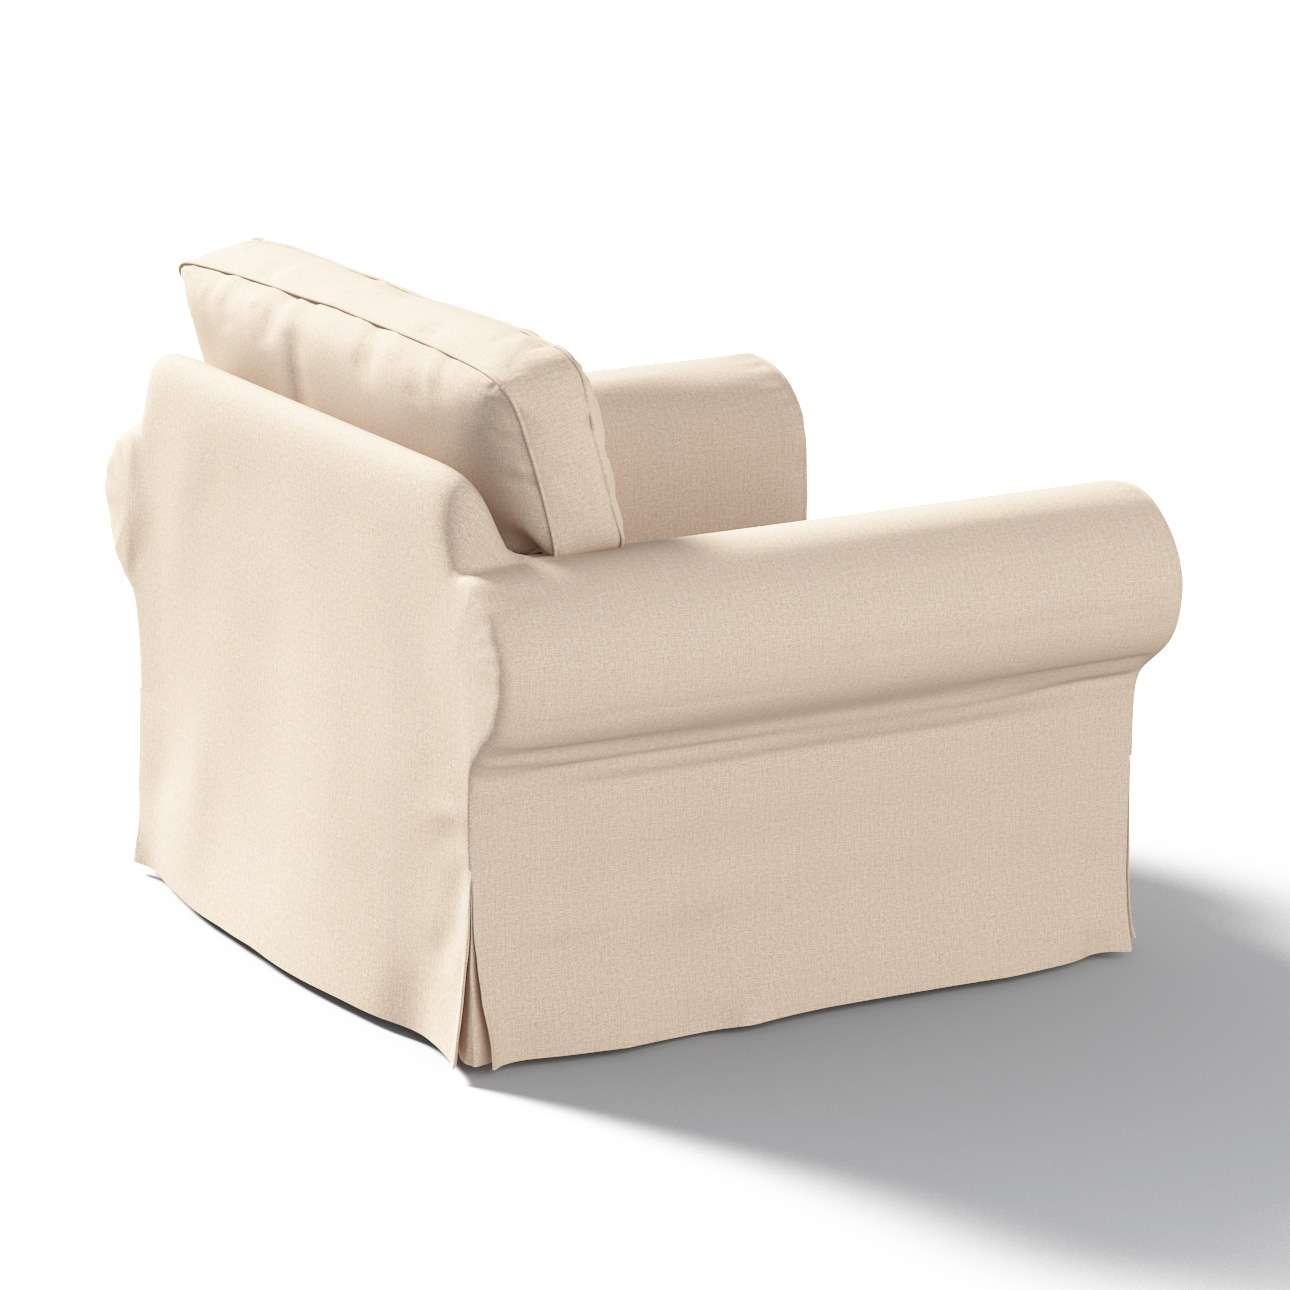 EKTORP fotelio užvalkalas Ektorp fotelio užvalkalas kolekcijoje Edinburgh , audinys: 115-78